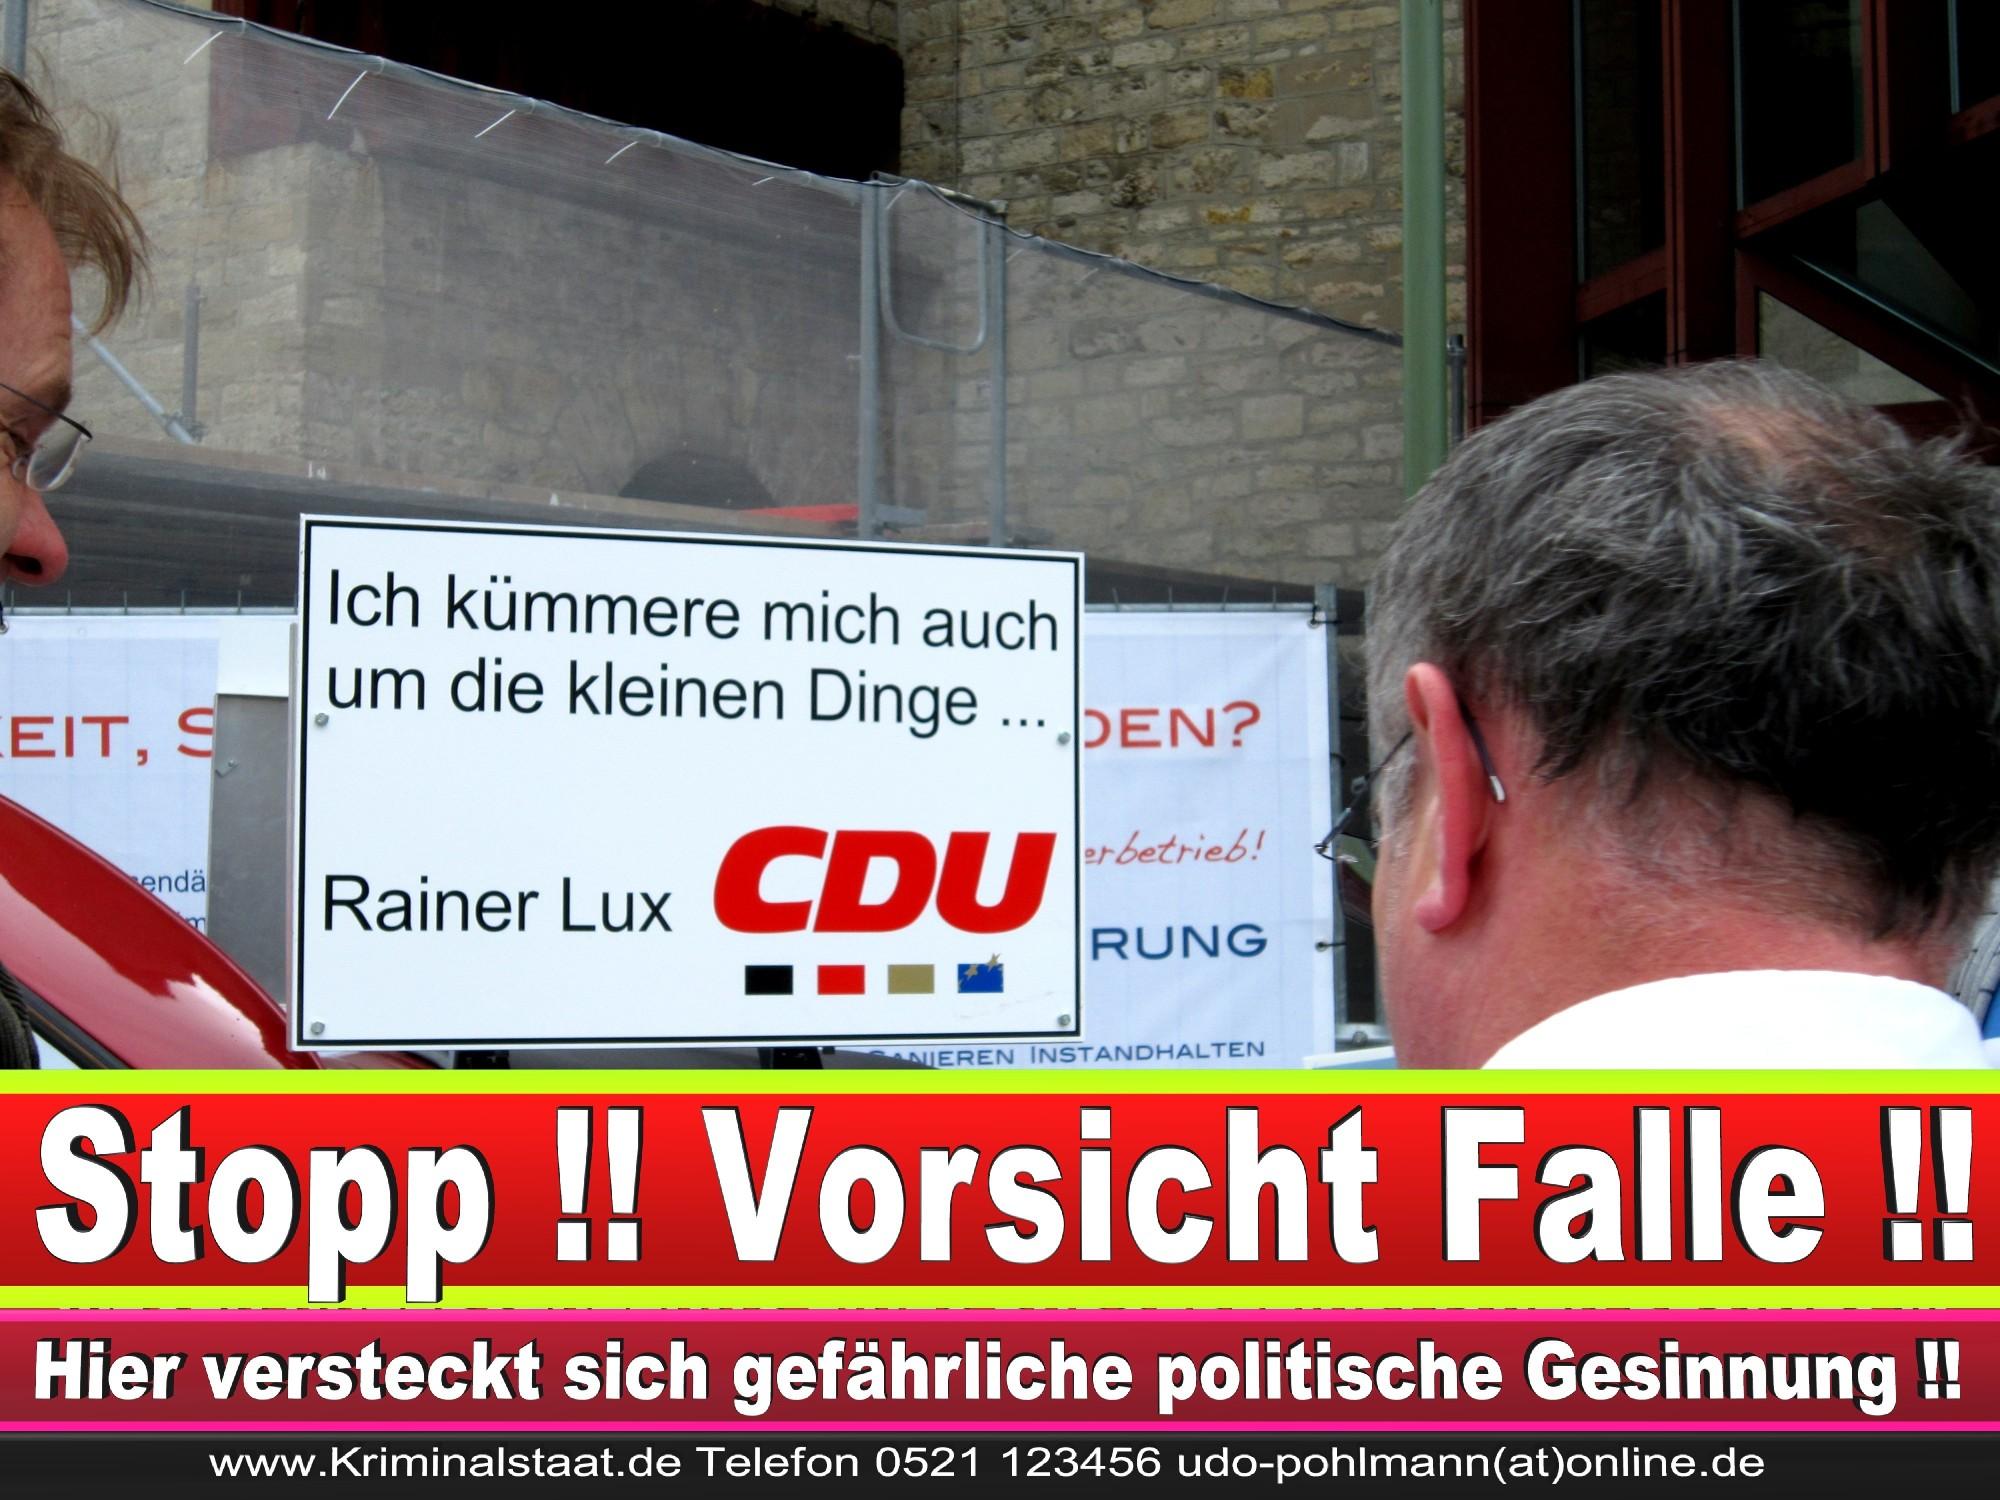 Wahlwerbung Wahlplakate Landtagswahl 2019 Europawahl CDU SPD FDP 2021 (22)